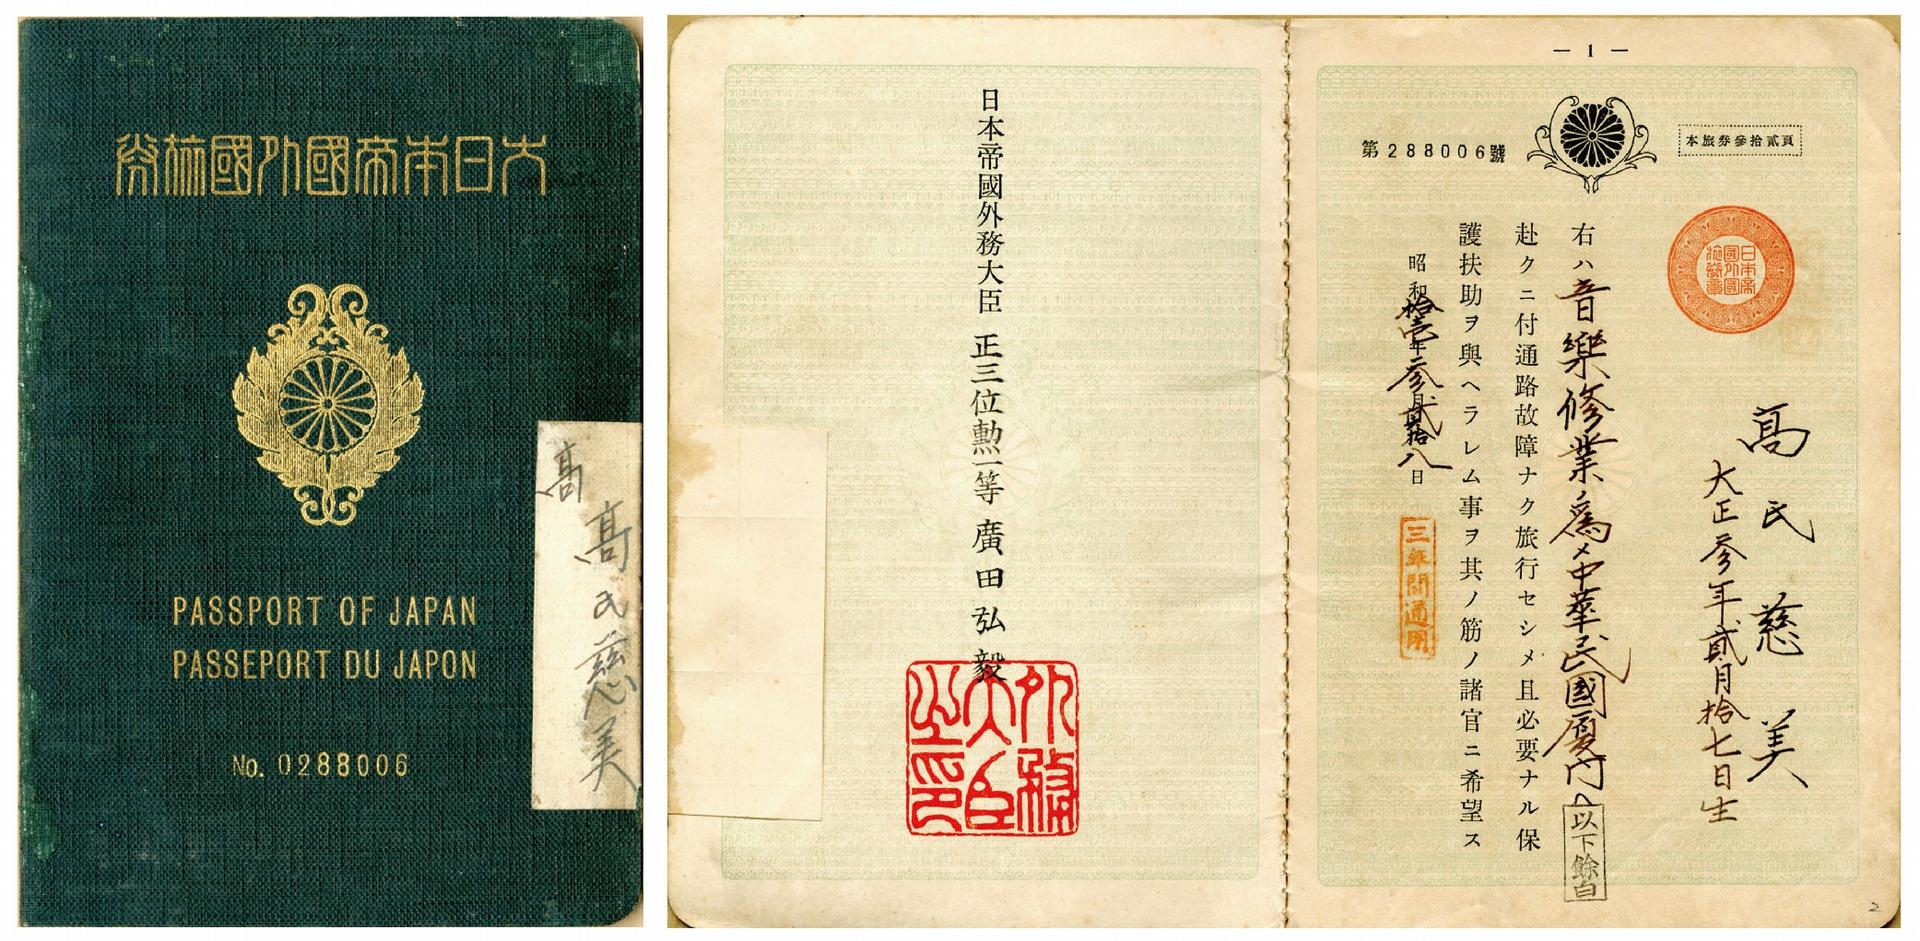 日治時期,臺灣人要到其他國家,必須申請旅券(即護照)。圖片來源│臺史所檔案館數位典藏